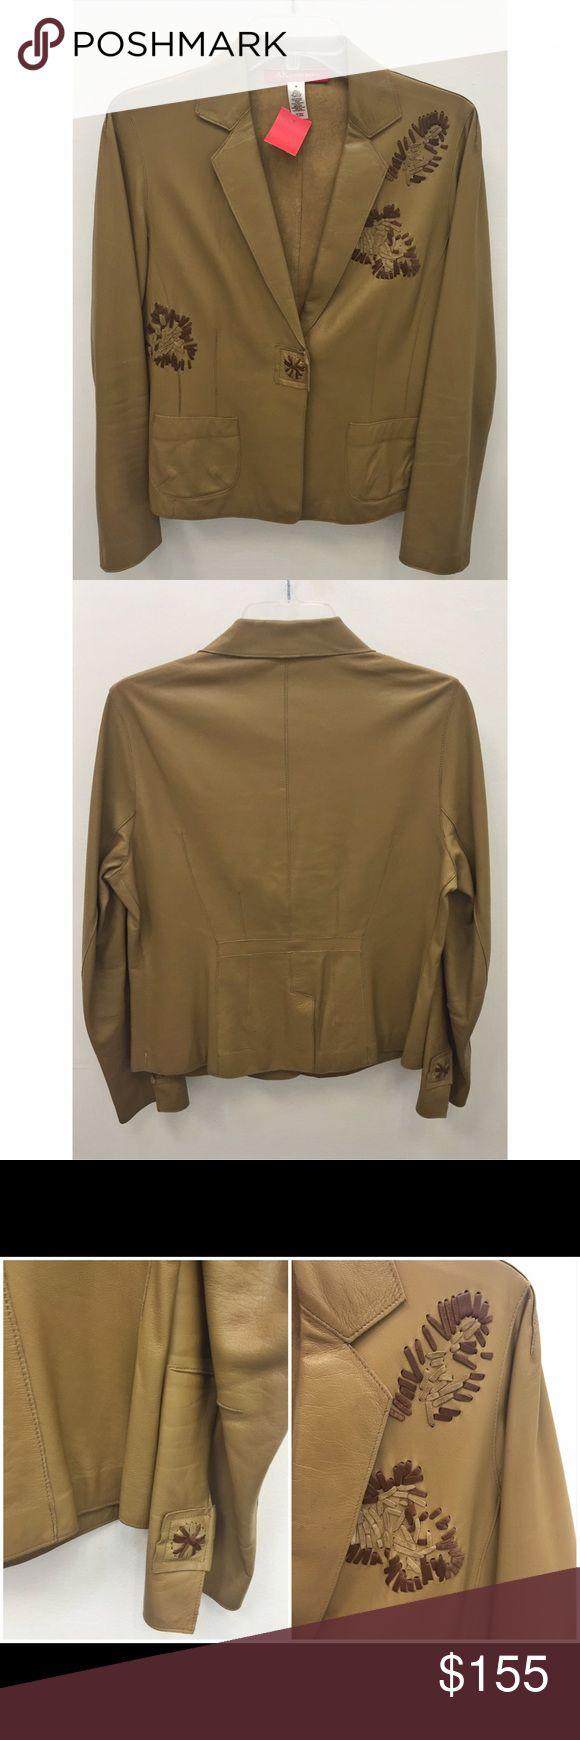 Anne Klein Tan Leather Jacket Anne Klein tan leather jacket with whipstitch design, retails $389, size M Anne Klein Jackets & Coats